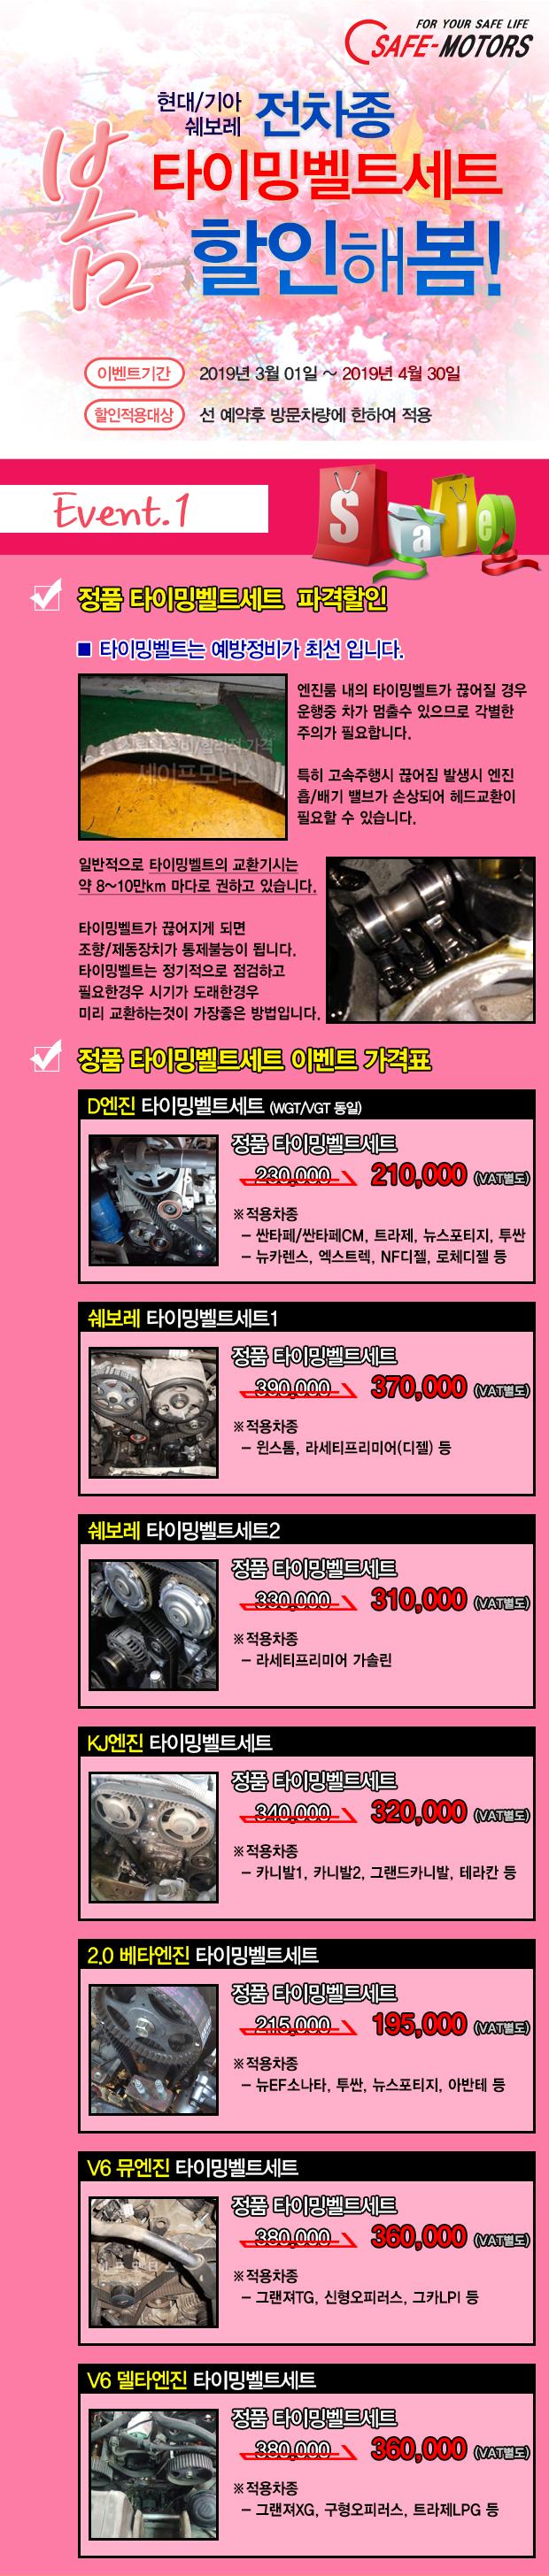 201903_봄맞이이벤트_1_타이밍벨트.jpg